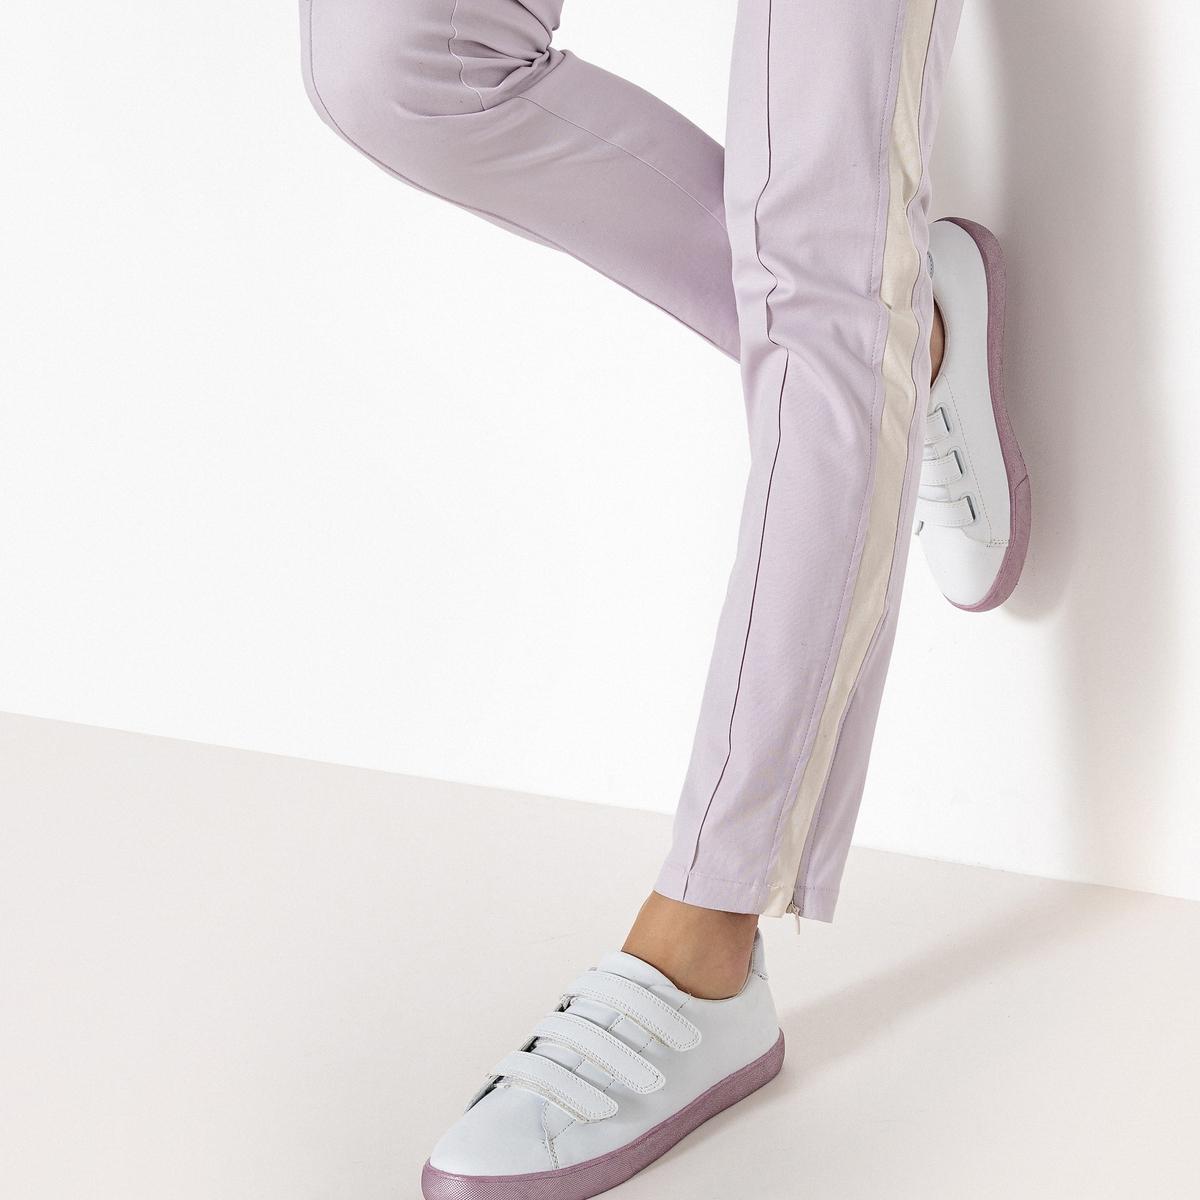 Sapatilhas com rasto metalizado lilás